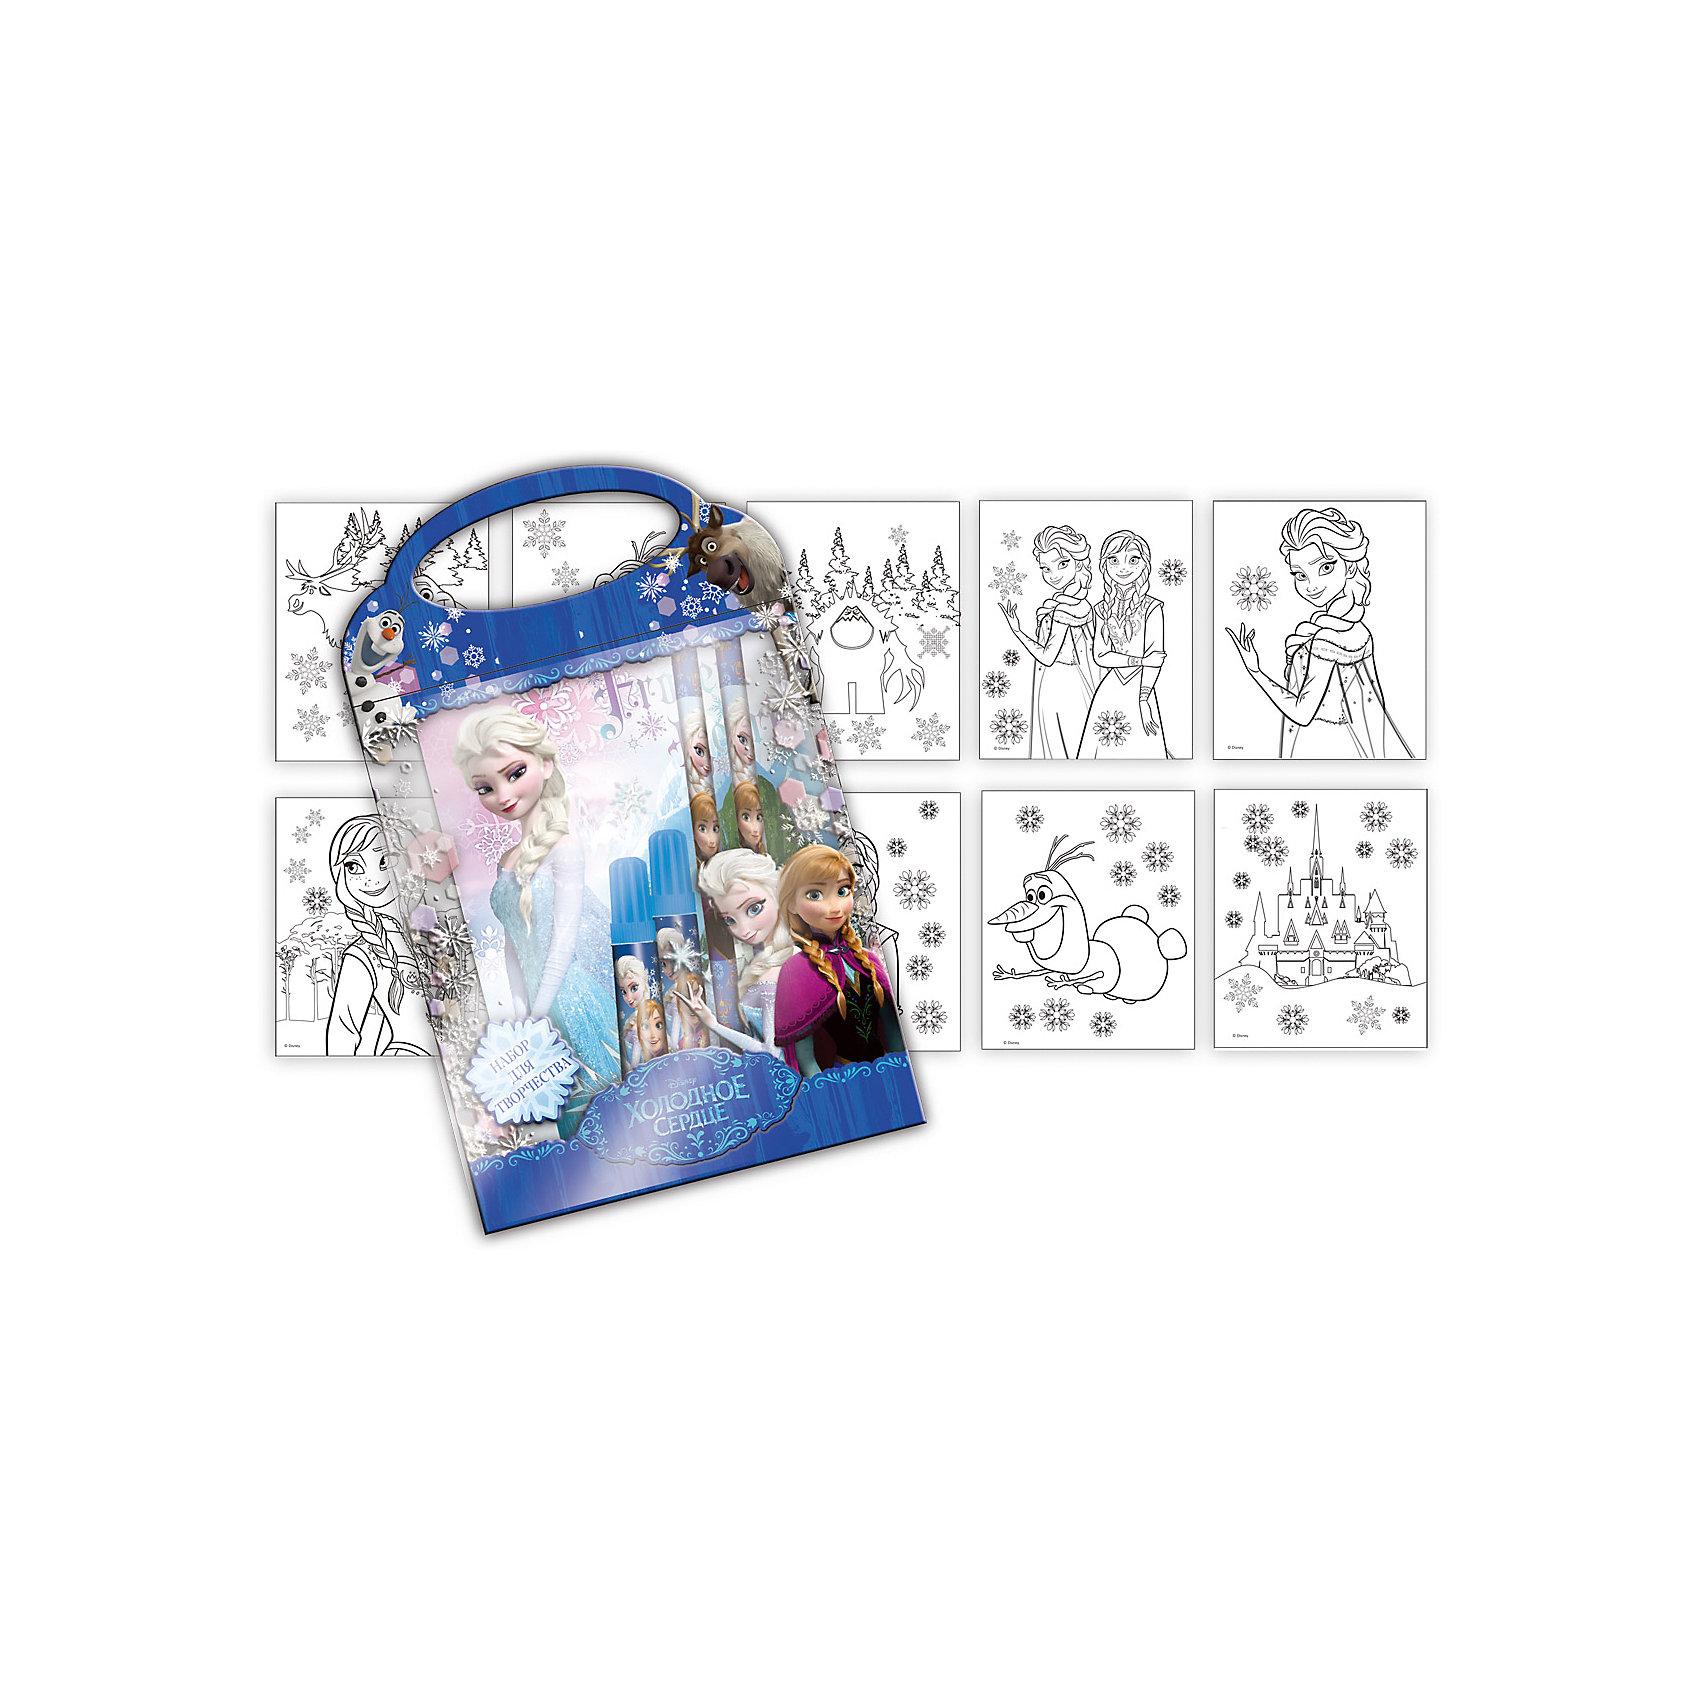 Канцелярский набор Холодное сердце 9 предметовКанцелярский набор Холодное сердце 9 предметов, Limpopo (Лимпопо)<br><br>Характеристики:<br><br>• яркая упаковка с ручками<br>• 10 картинок с персонажами мультфильма<br>• в комплекте: 3 фломастера, карандаш, ластик, 3 листа наклеек, блокнот-раскраска( 10 листов)<br>• размер упаковки: 17,5х1,5х27,5 см<br>• вес: 111 грамм<br><br>Если ваш ребенок увлекается рисованием, то ему обязательно пригодится набор Холодное сердце. В него входят фломастеры, карандаш, ластик, наклейки и 10 листов с картинками, которые необходимо раскрасить. На картинках изображены персонажи мультфильма в черно-белом варианте. Раскрасьте их - и они словно оживут! Ребенок сможет проявить свою фантазию и раскрасить картинки по своему усмотрению, а затем дополнить их наклейками. Все предметы находятся в удобной упаковке с ручками, оформленной изображением из мультфильма.<br><br>Канцелярский набор Холодное сердце 9 предметов, Limpopo (Лимпопо) можно купить в нашем интернет-магазине.<br><br>Ширина мм: 275<br>Глубина мм: 15<br>Высота мм: 175<br>Вес г: 111<br>Возраст от месяцев: 48<br>Возраст до месяцев: 144<br>Пол: Женский<br>Возраст: Детский<br>SKU: 5390304